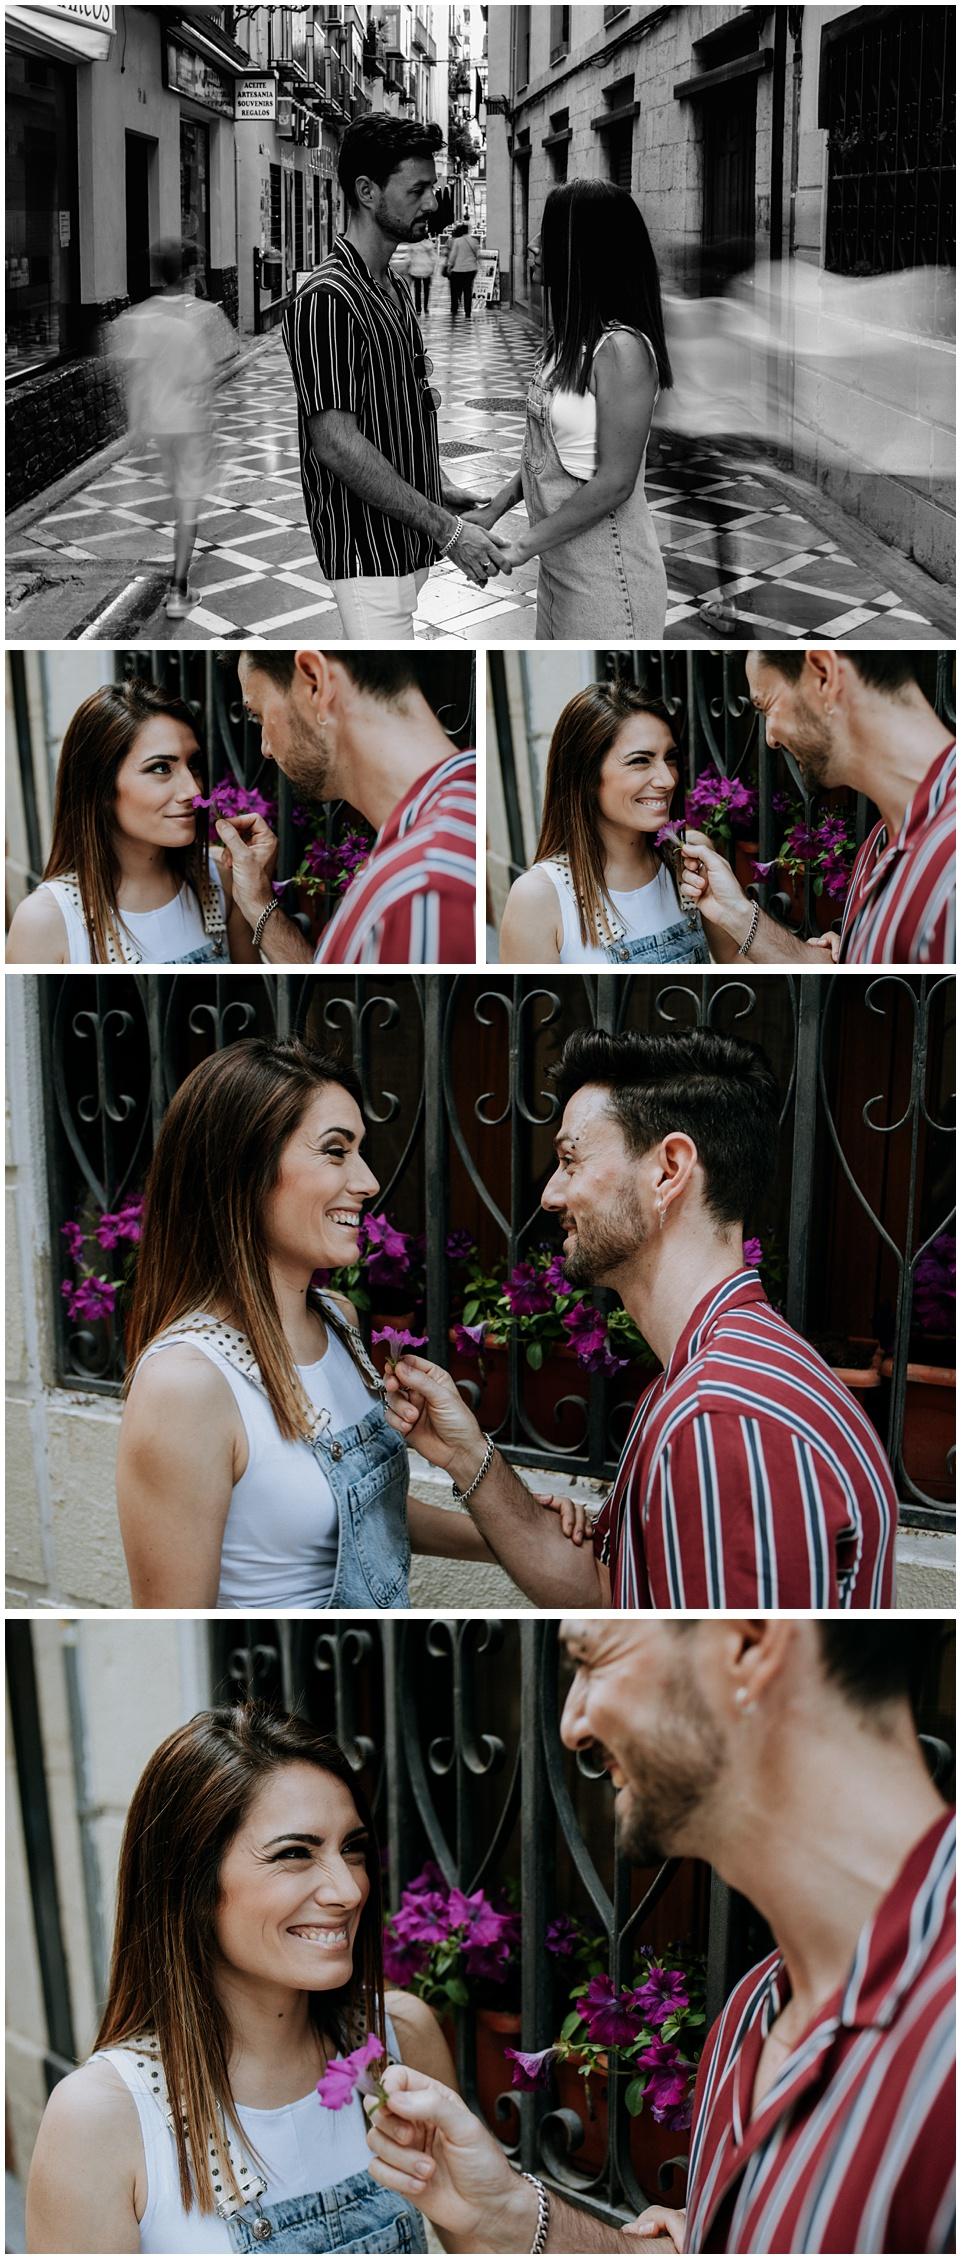 Yoss Sabalet,fotografia en pareja,fotografo de boda Jaén,fotografo de bodas,pareja,sesion de pareja,sesion en pareja,